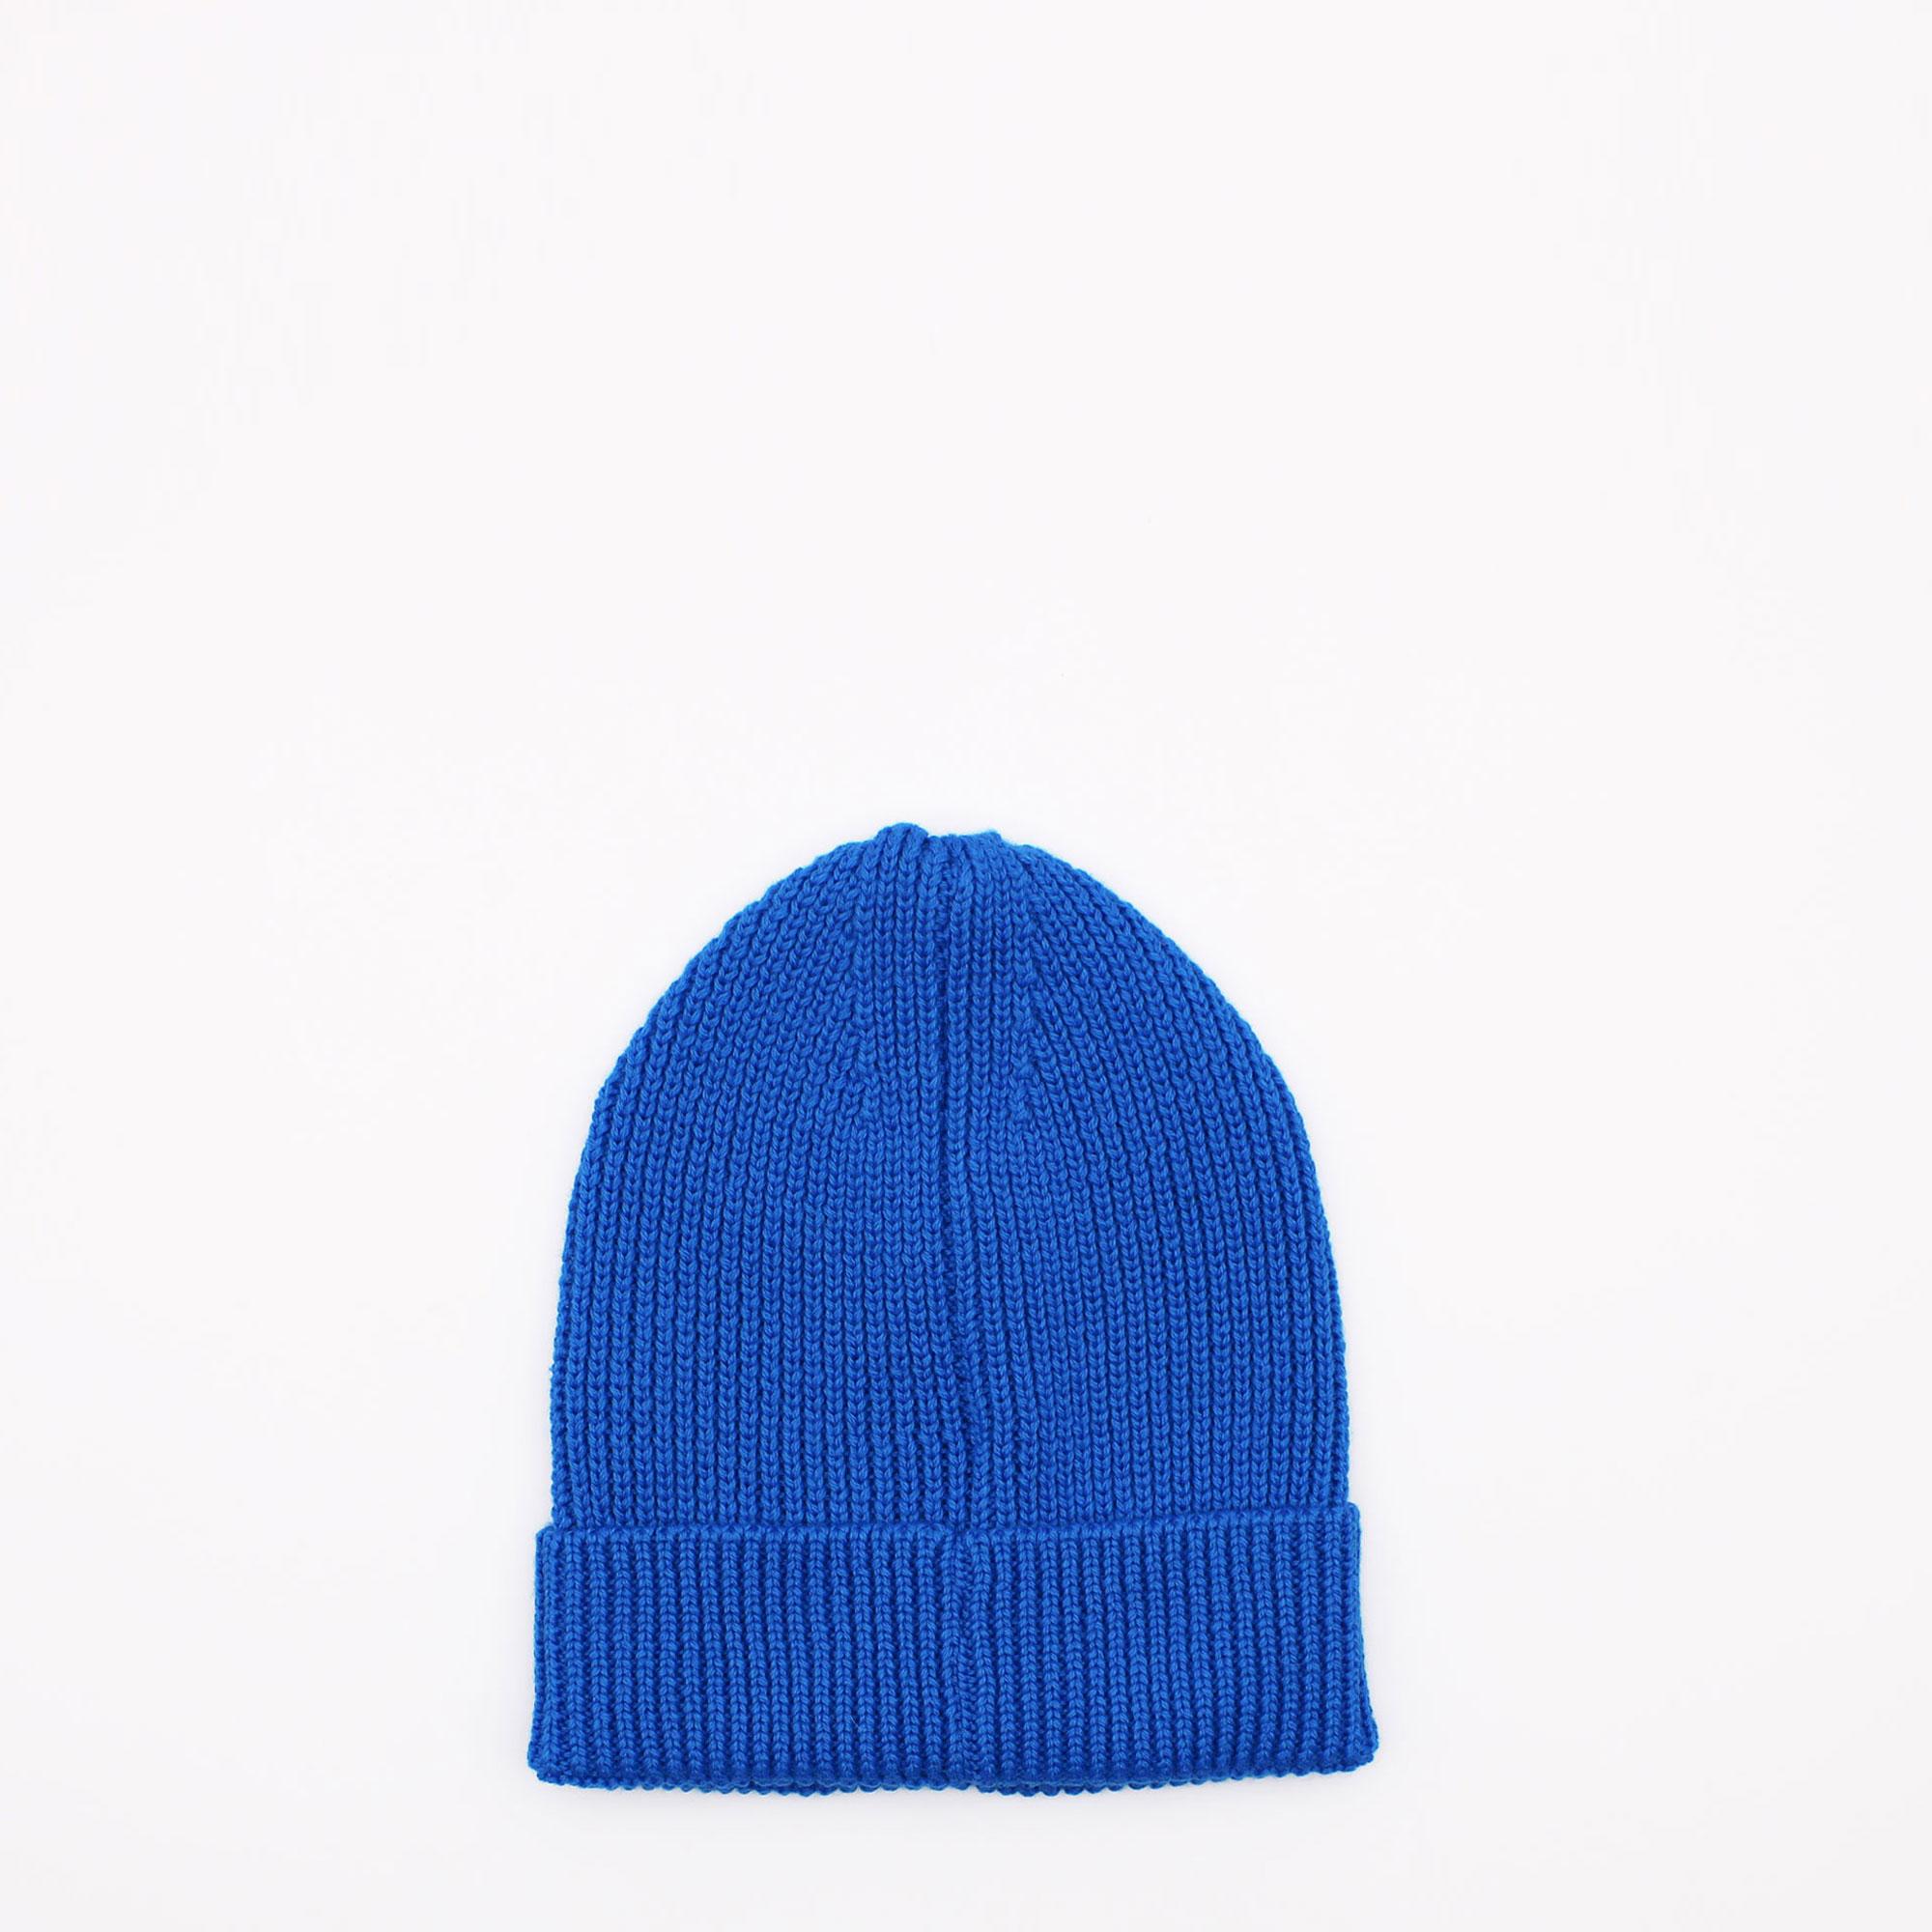 Cappello logo stilizzato burlon - Blu